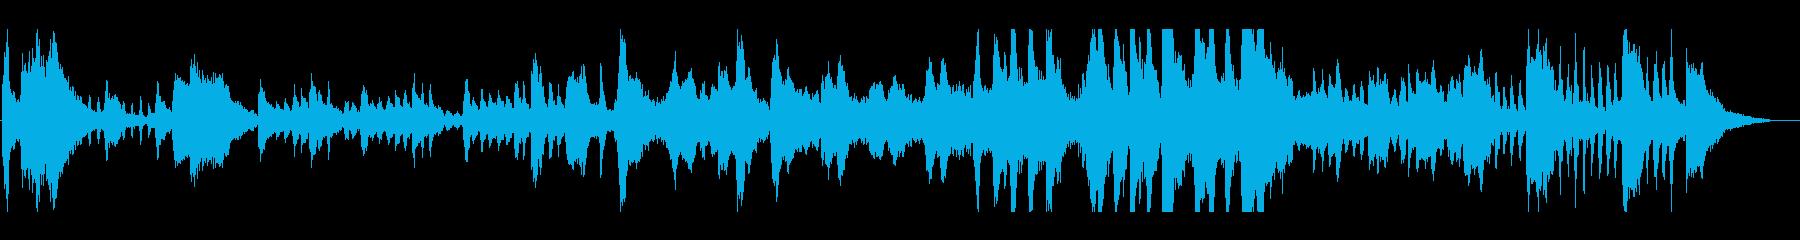 バロッコスタイルの子供たちの音楽。...の再生済みの波形